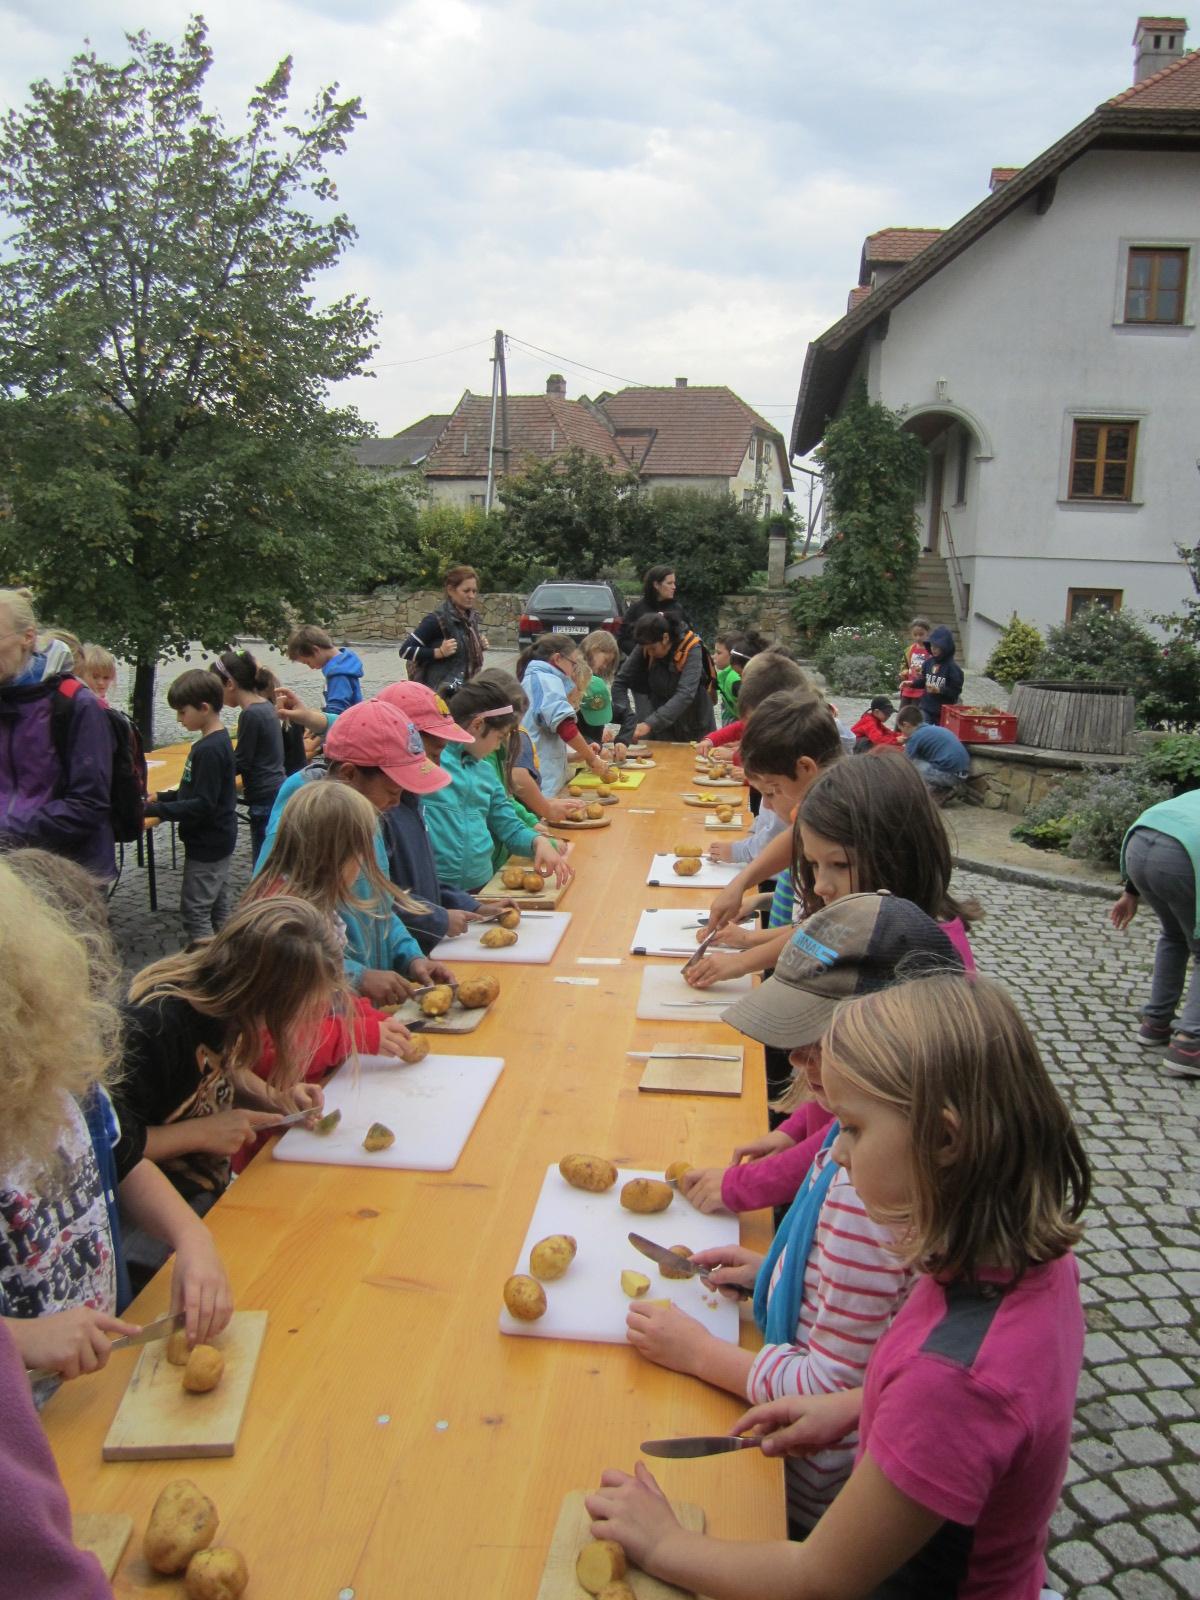 Kinder schneiden Kartoffeln